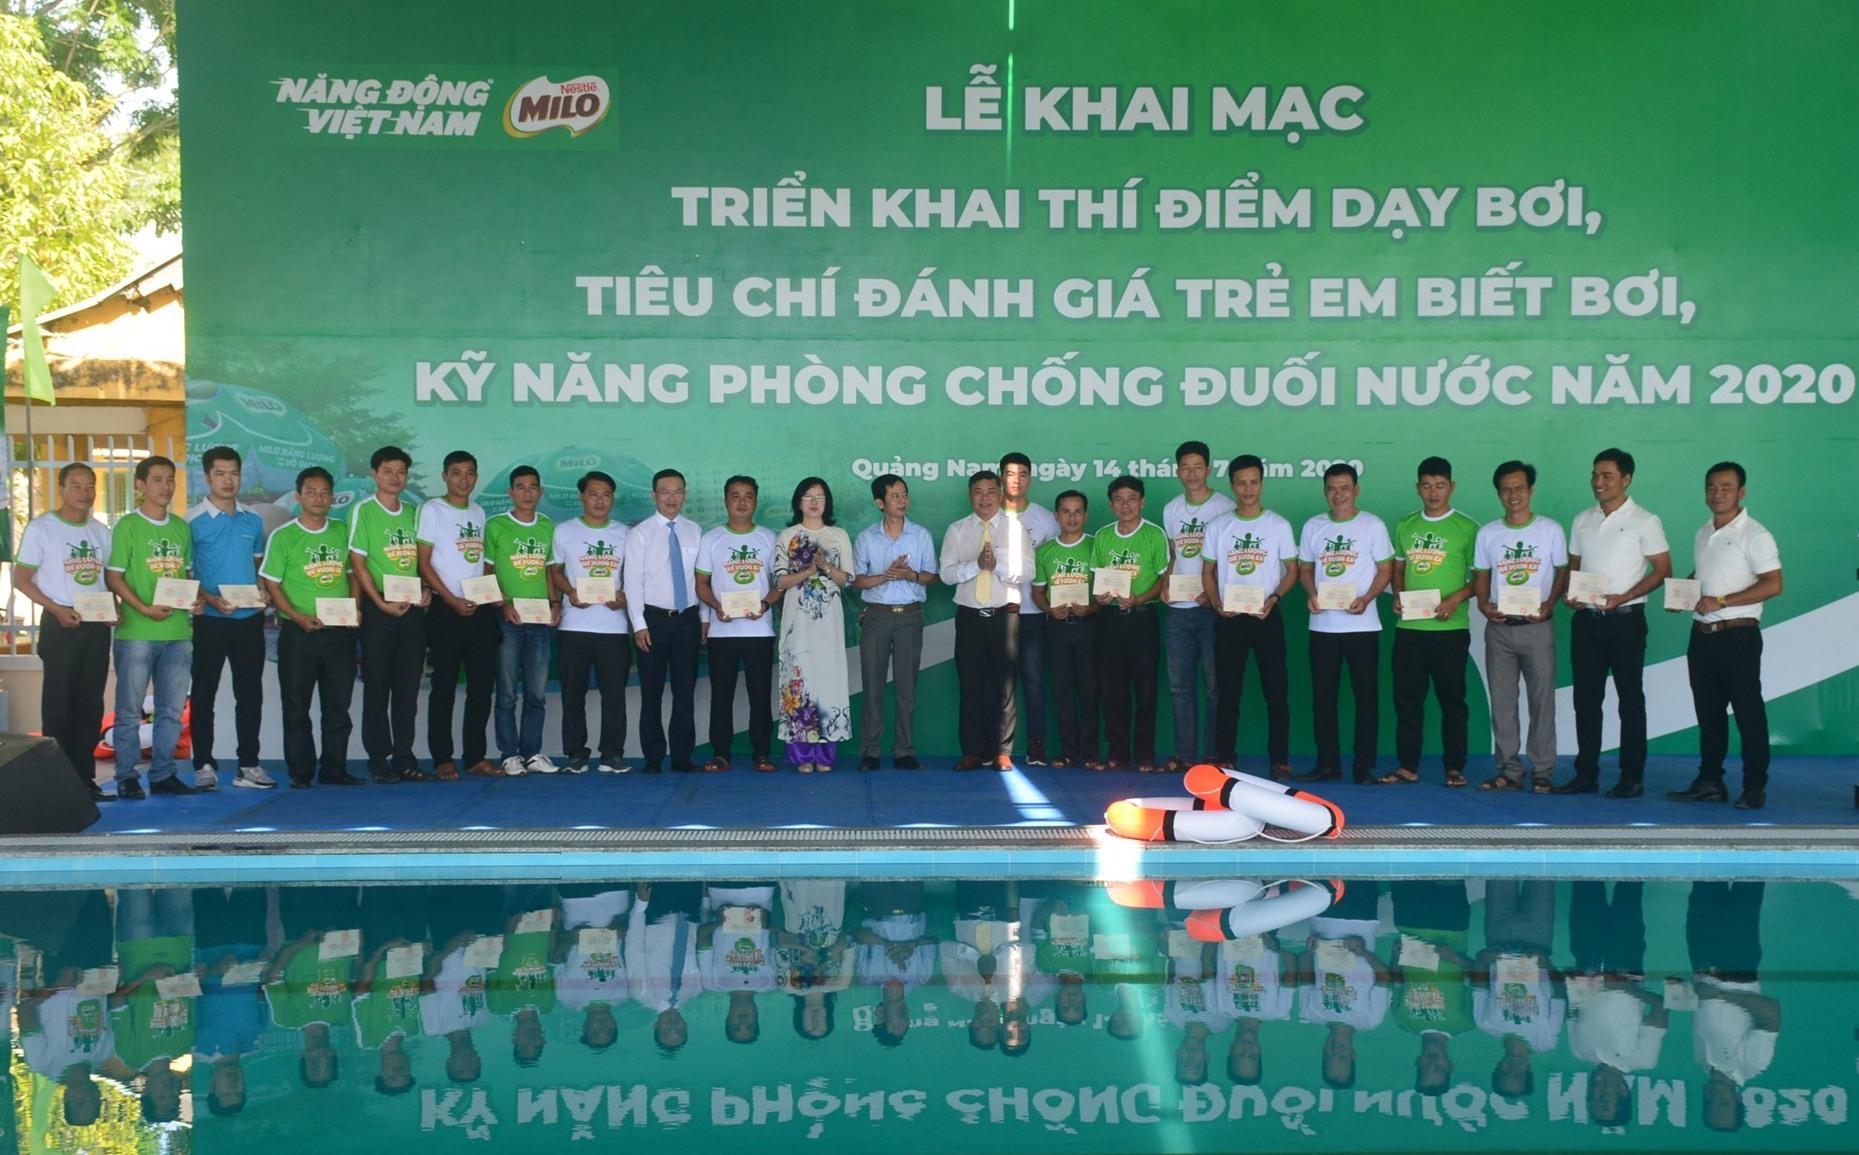 Lãnh đạo Tổng cục TD-TT trao giấy chứng nhận cho các học viên hoàn thành xuất sắc khóa tập huấn về thí điểm dạy bơi. Ảnh: Q.T